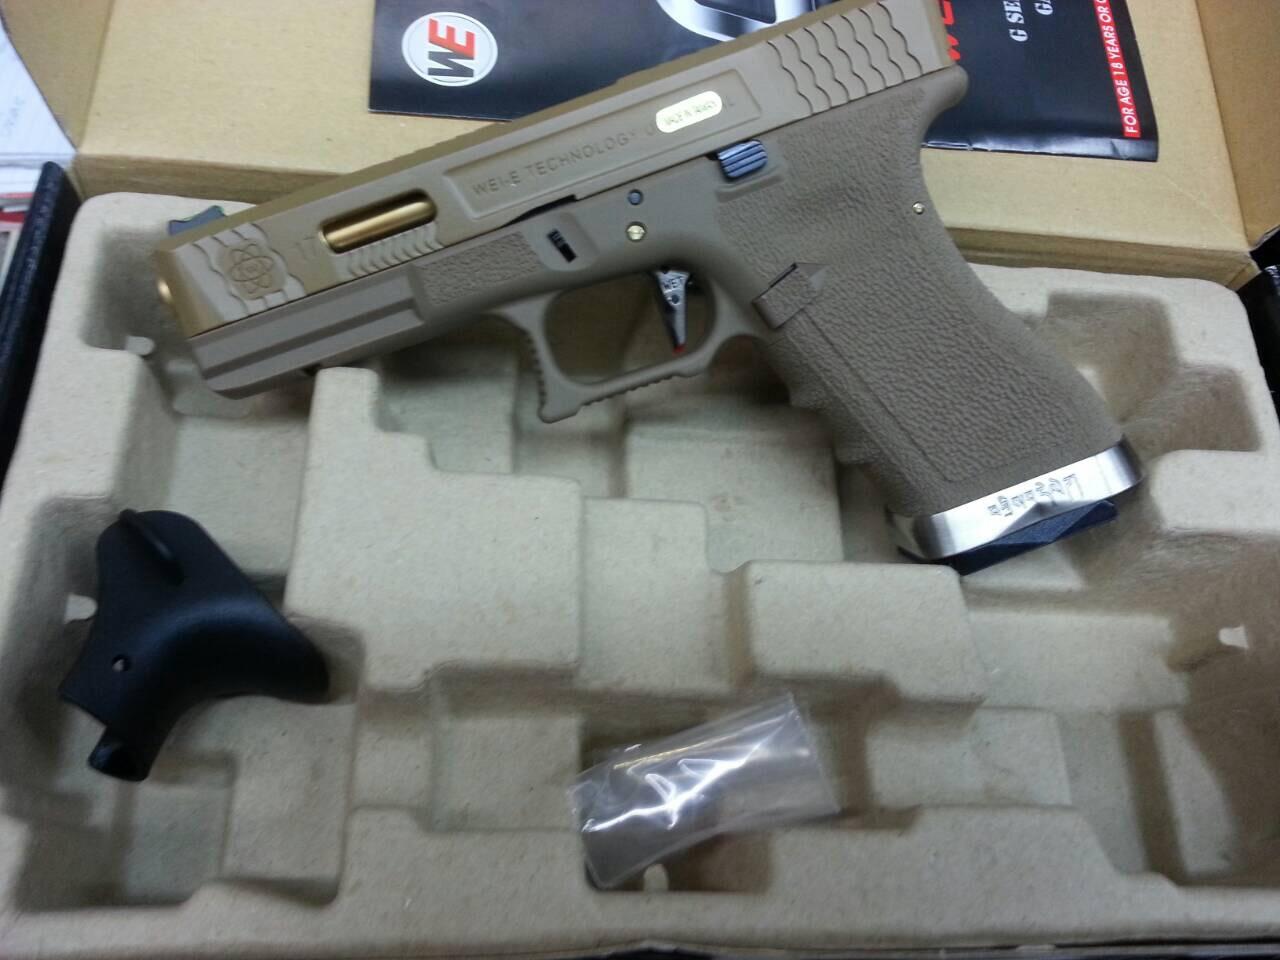 WE Glock17 T3 Gen4 สไลด์ทราย เฟรมทราย ท่อทอง ราคาพิเศษ